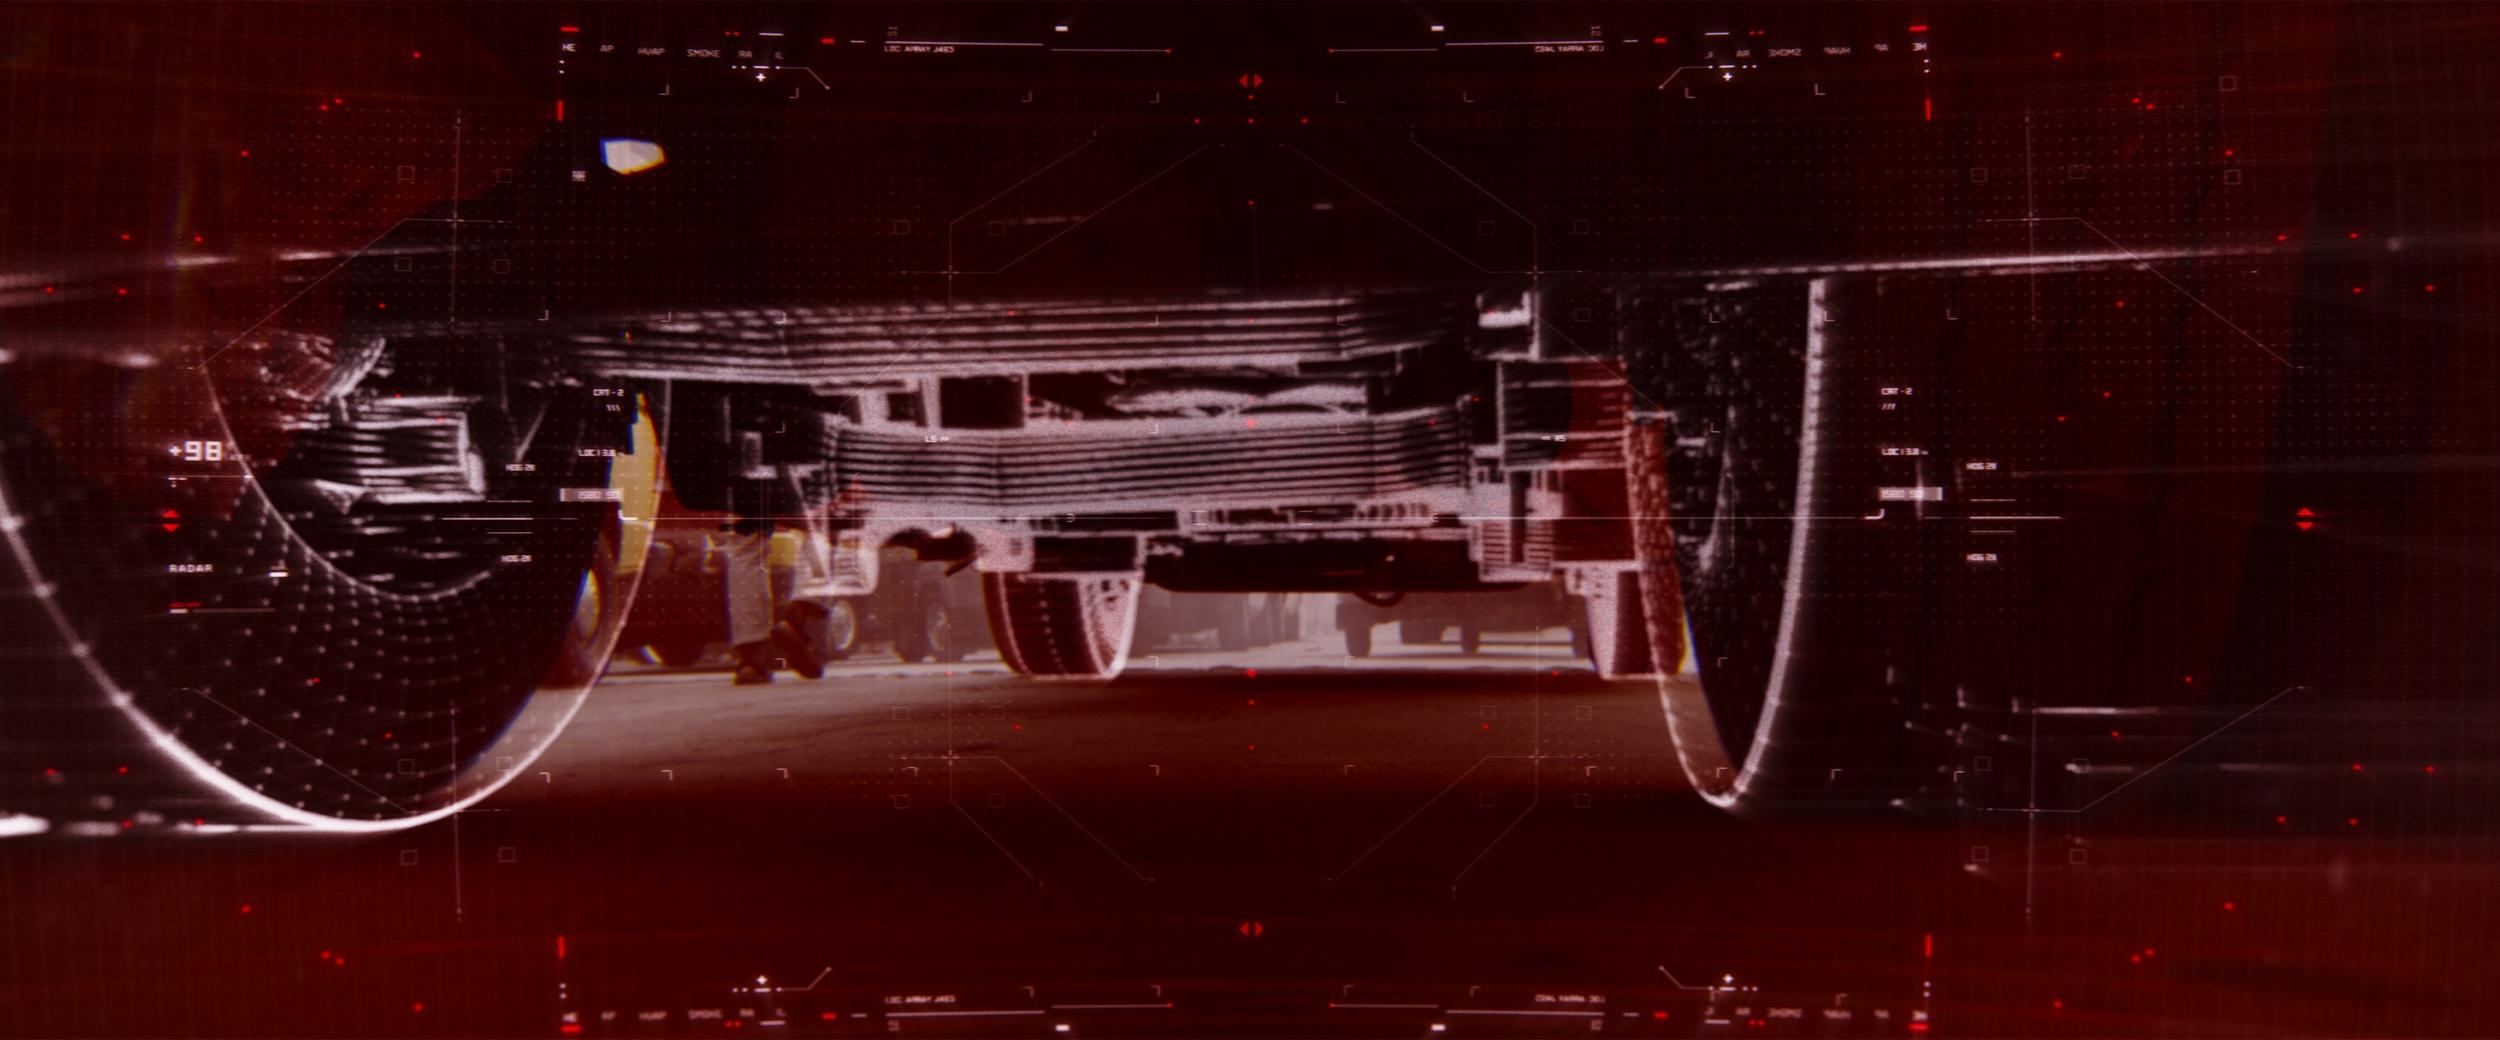 LAG0405_gfx_truckScan_v001a.jpg